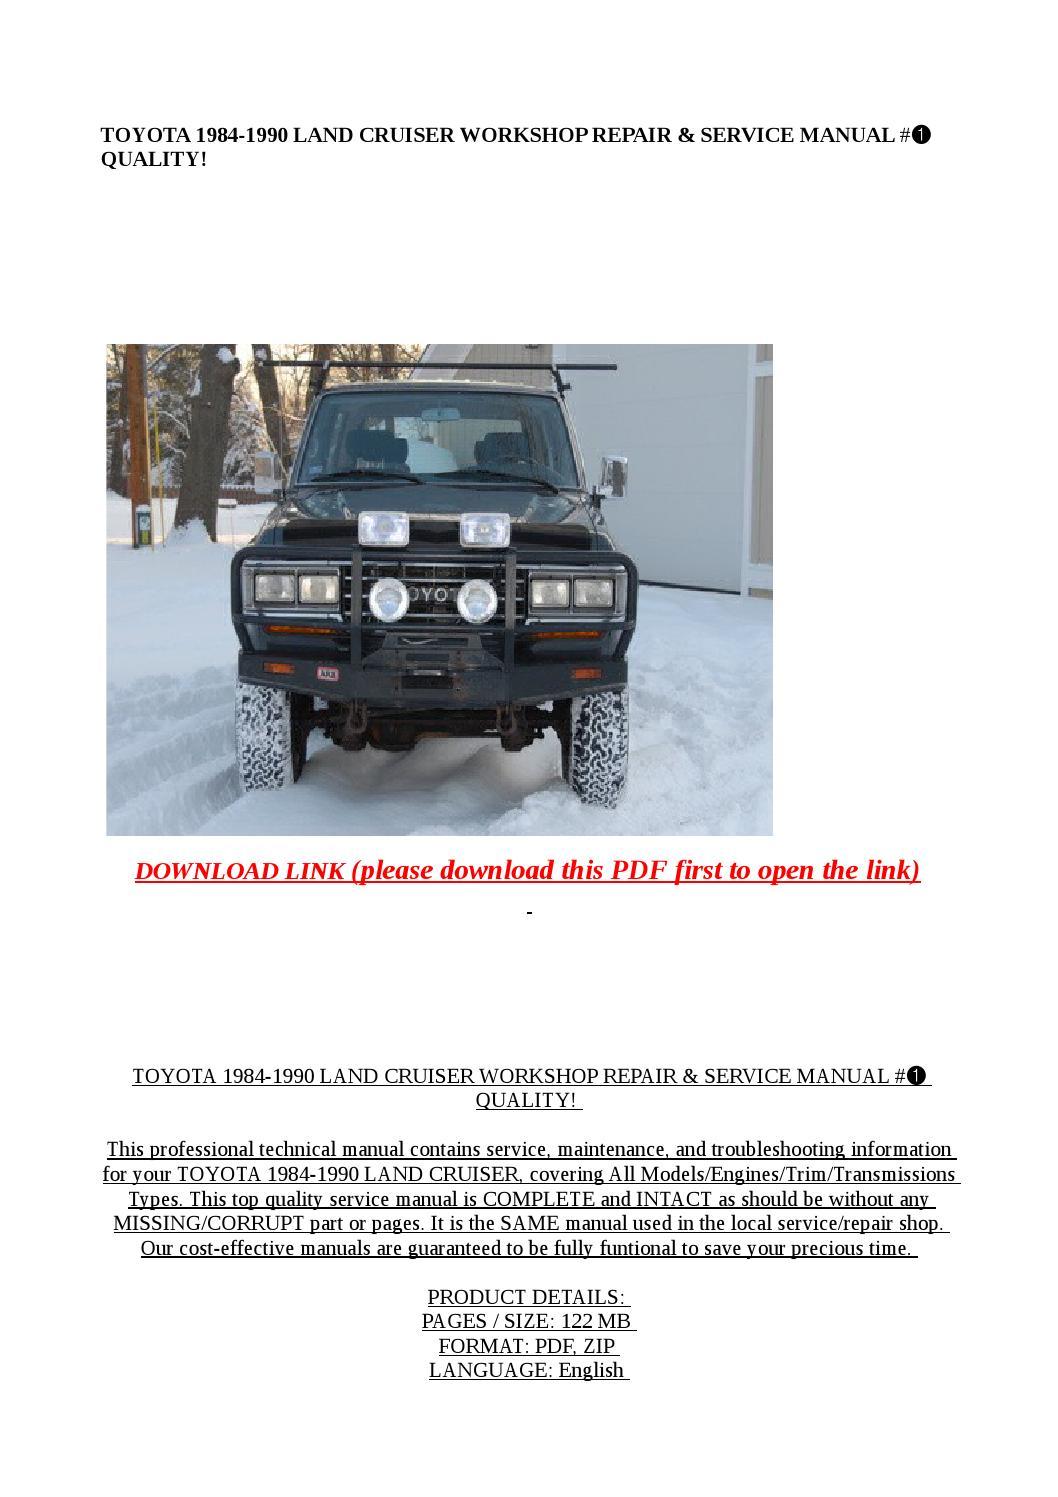 toyota land cruiser service manual download pdf